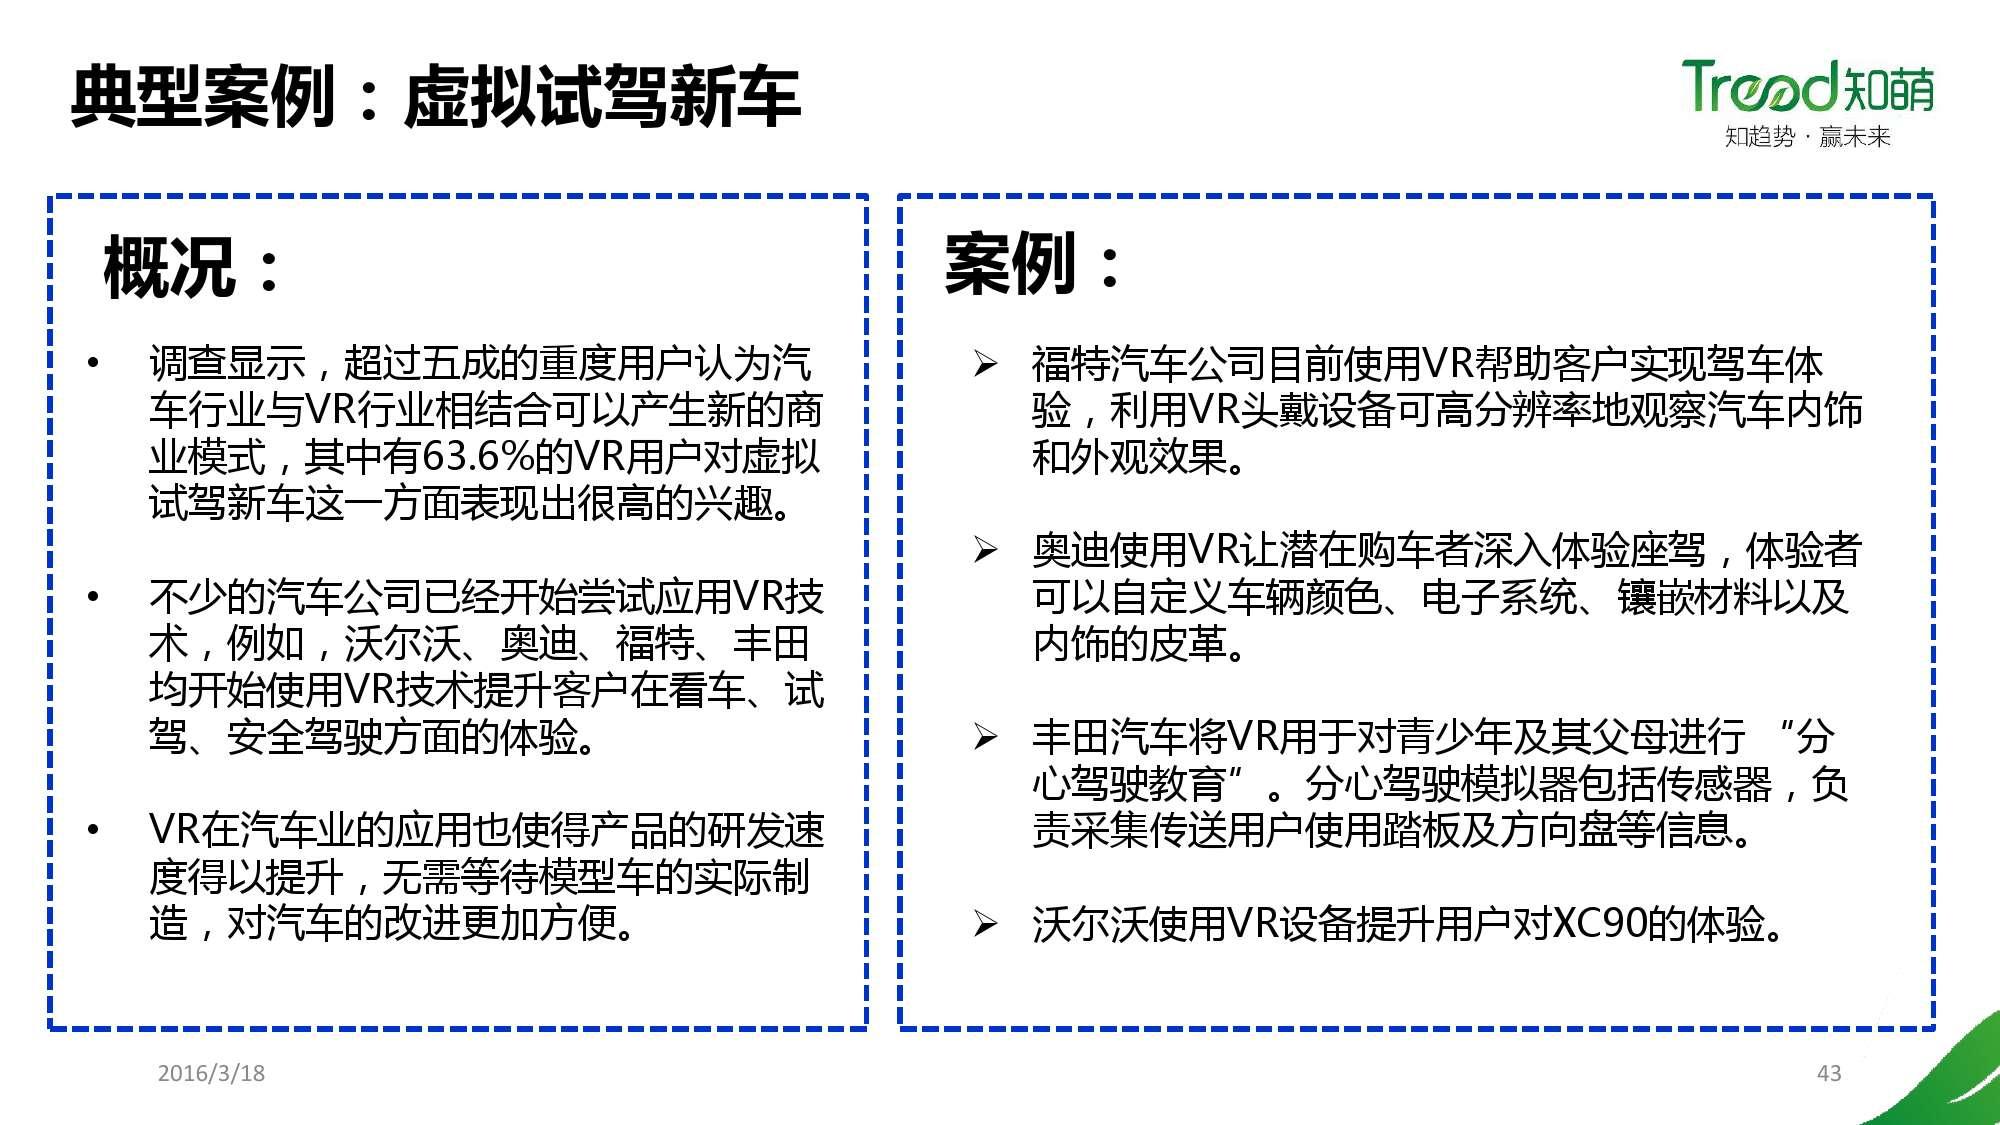 中国VR用户行为研究报告_000043